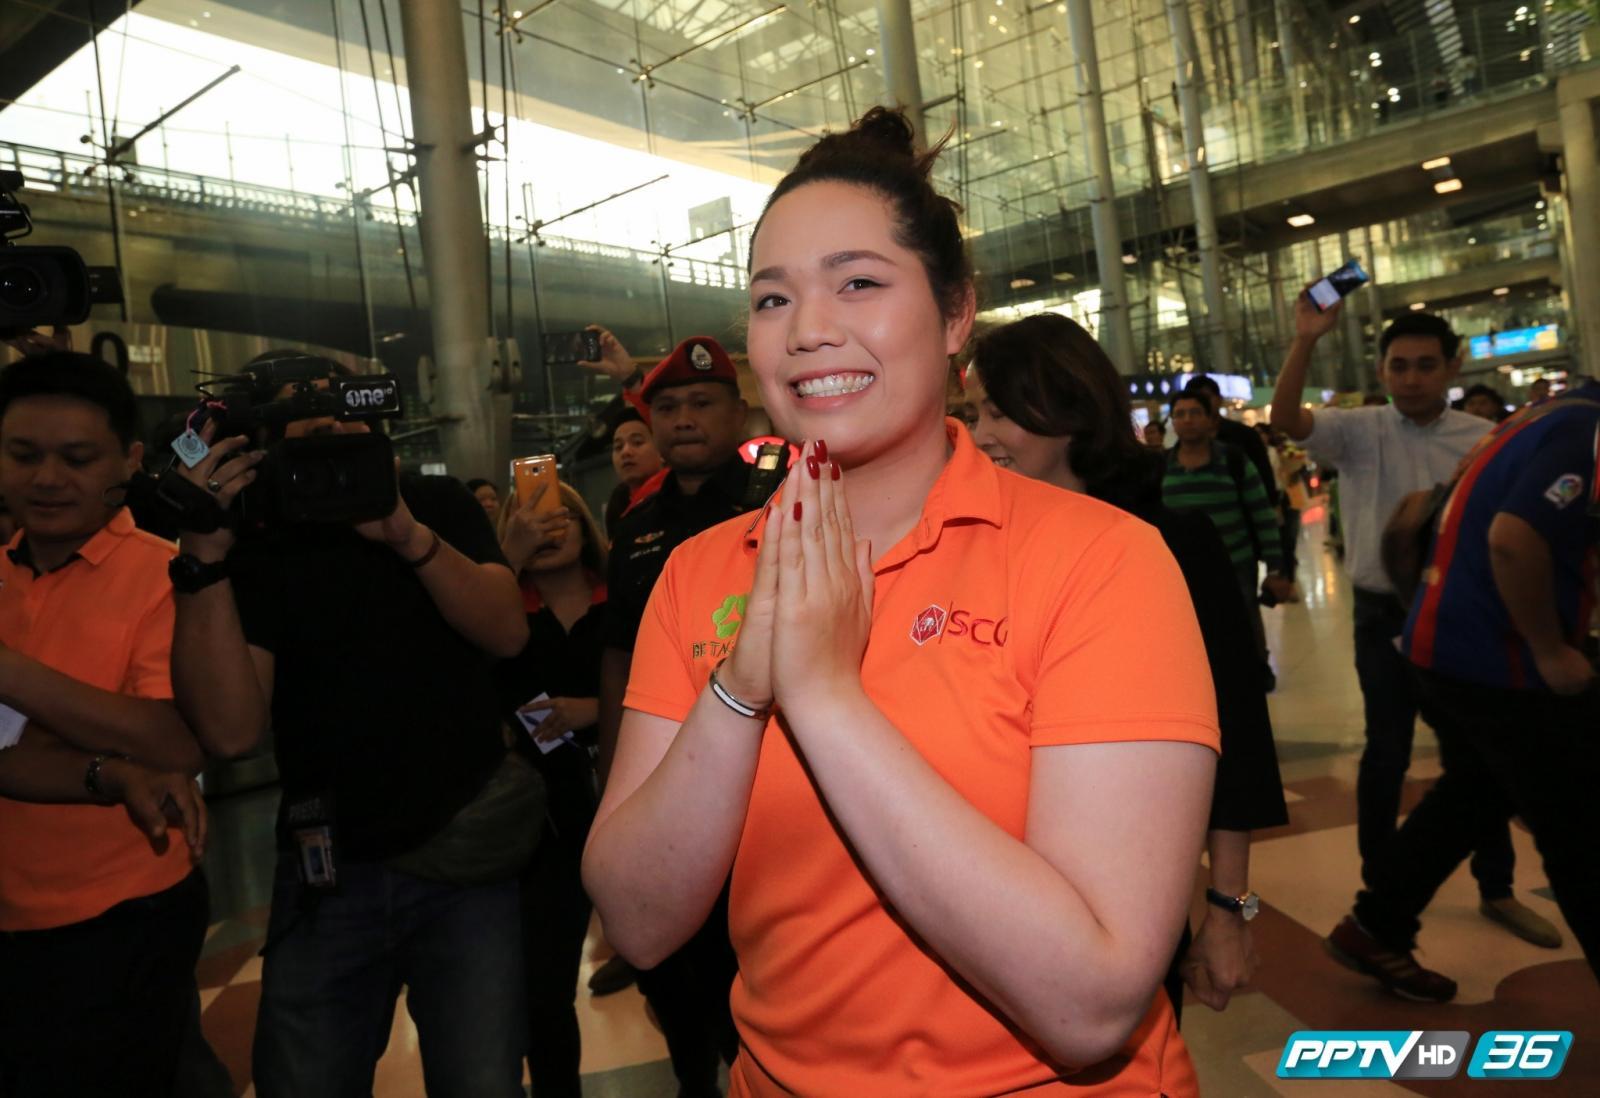 """เปิดใจ! """"โปรเม เอรียา"""" หลังซิวแชมป์เมเจอร์ เป็นประวัติศาสตร์ชาติไทย"""